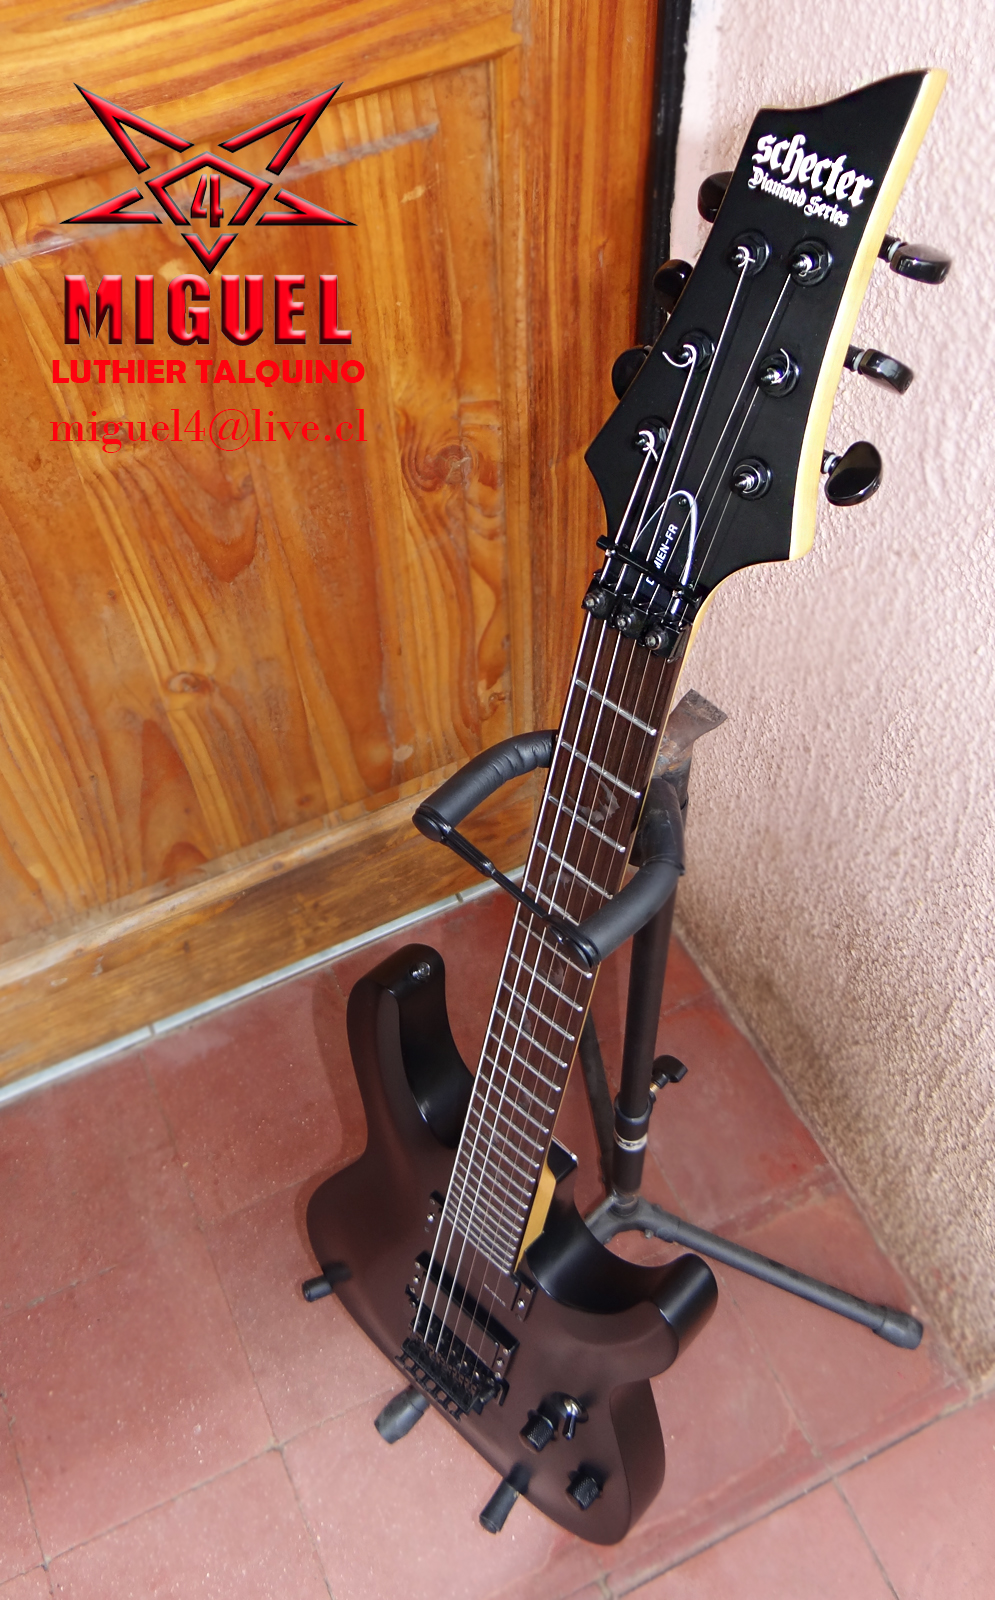 Luthier miguel4 talca guitarra electrica schecter for Luthier guitarra electrica